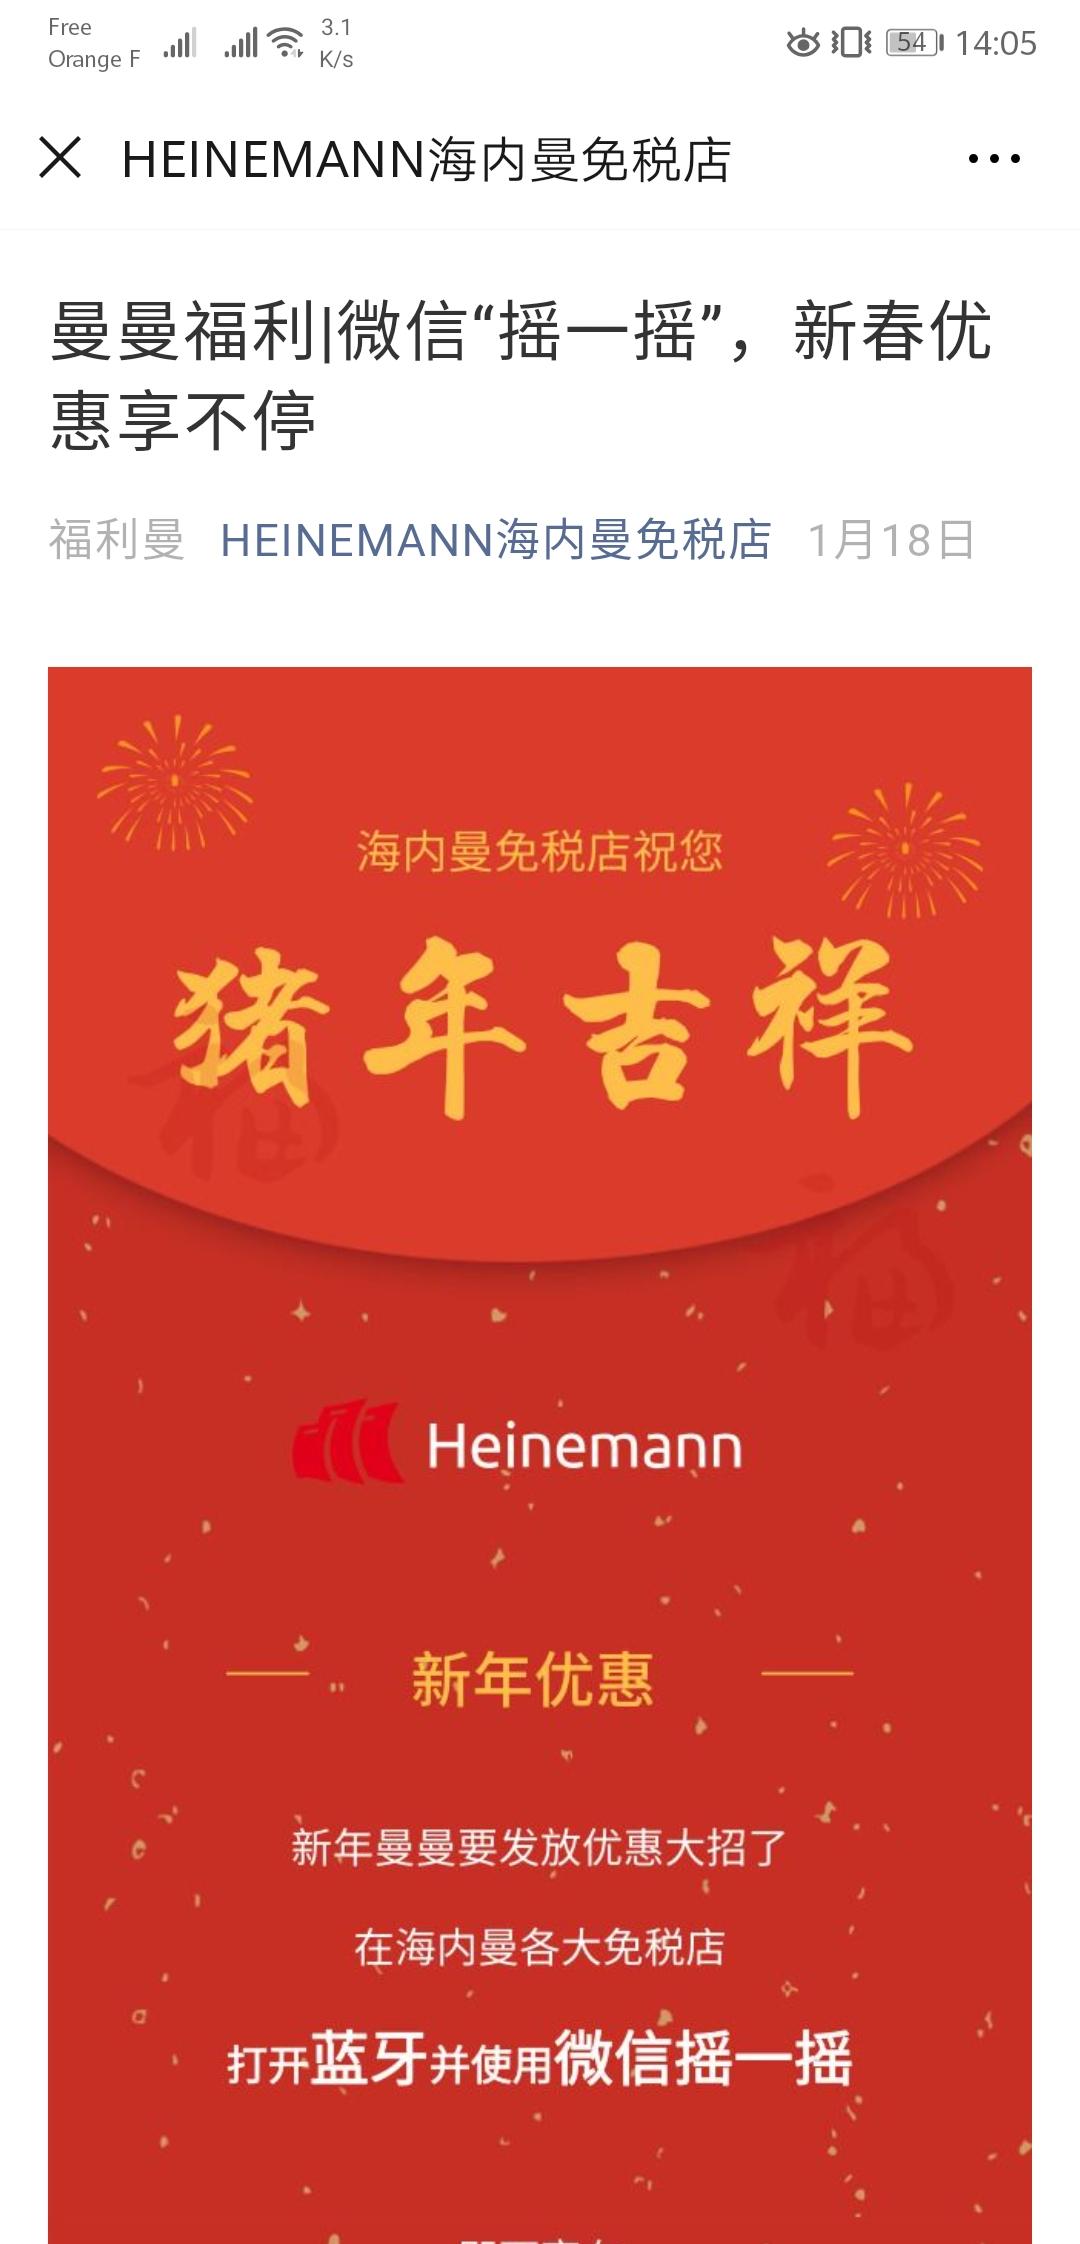 HEINEMANN Campaign WeChat Shake